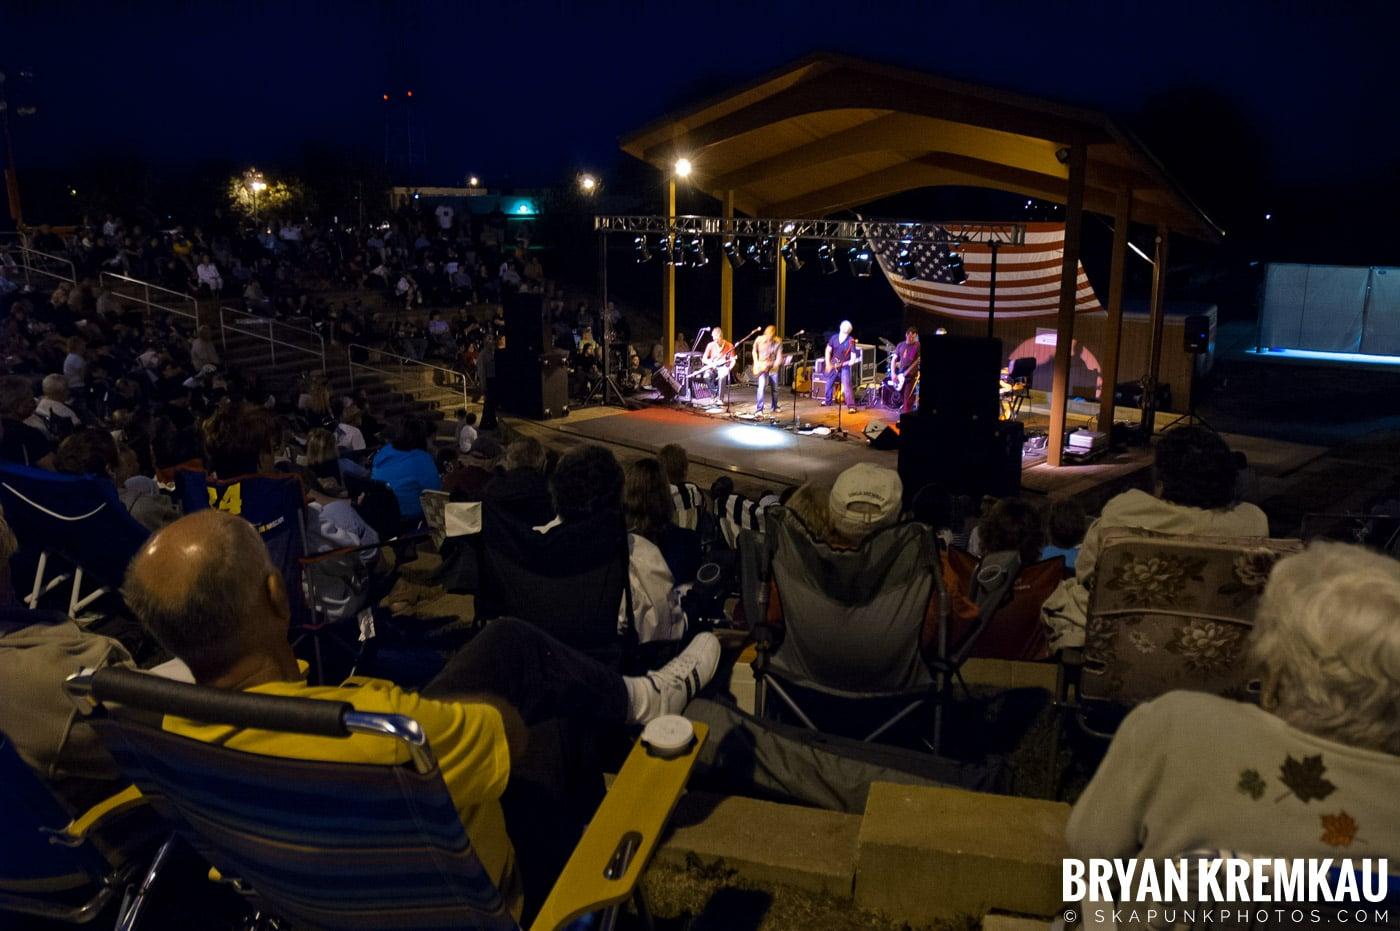 The Young Dubliners @ Burlington County Amphitheater, Burlington, NJ - 8.19.07 (2)